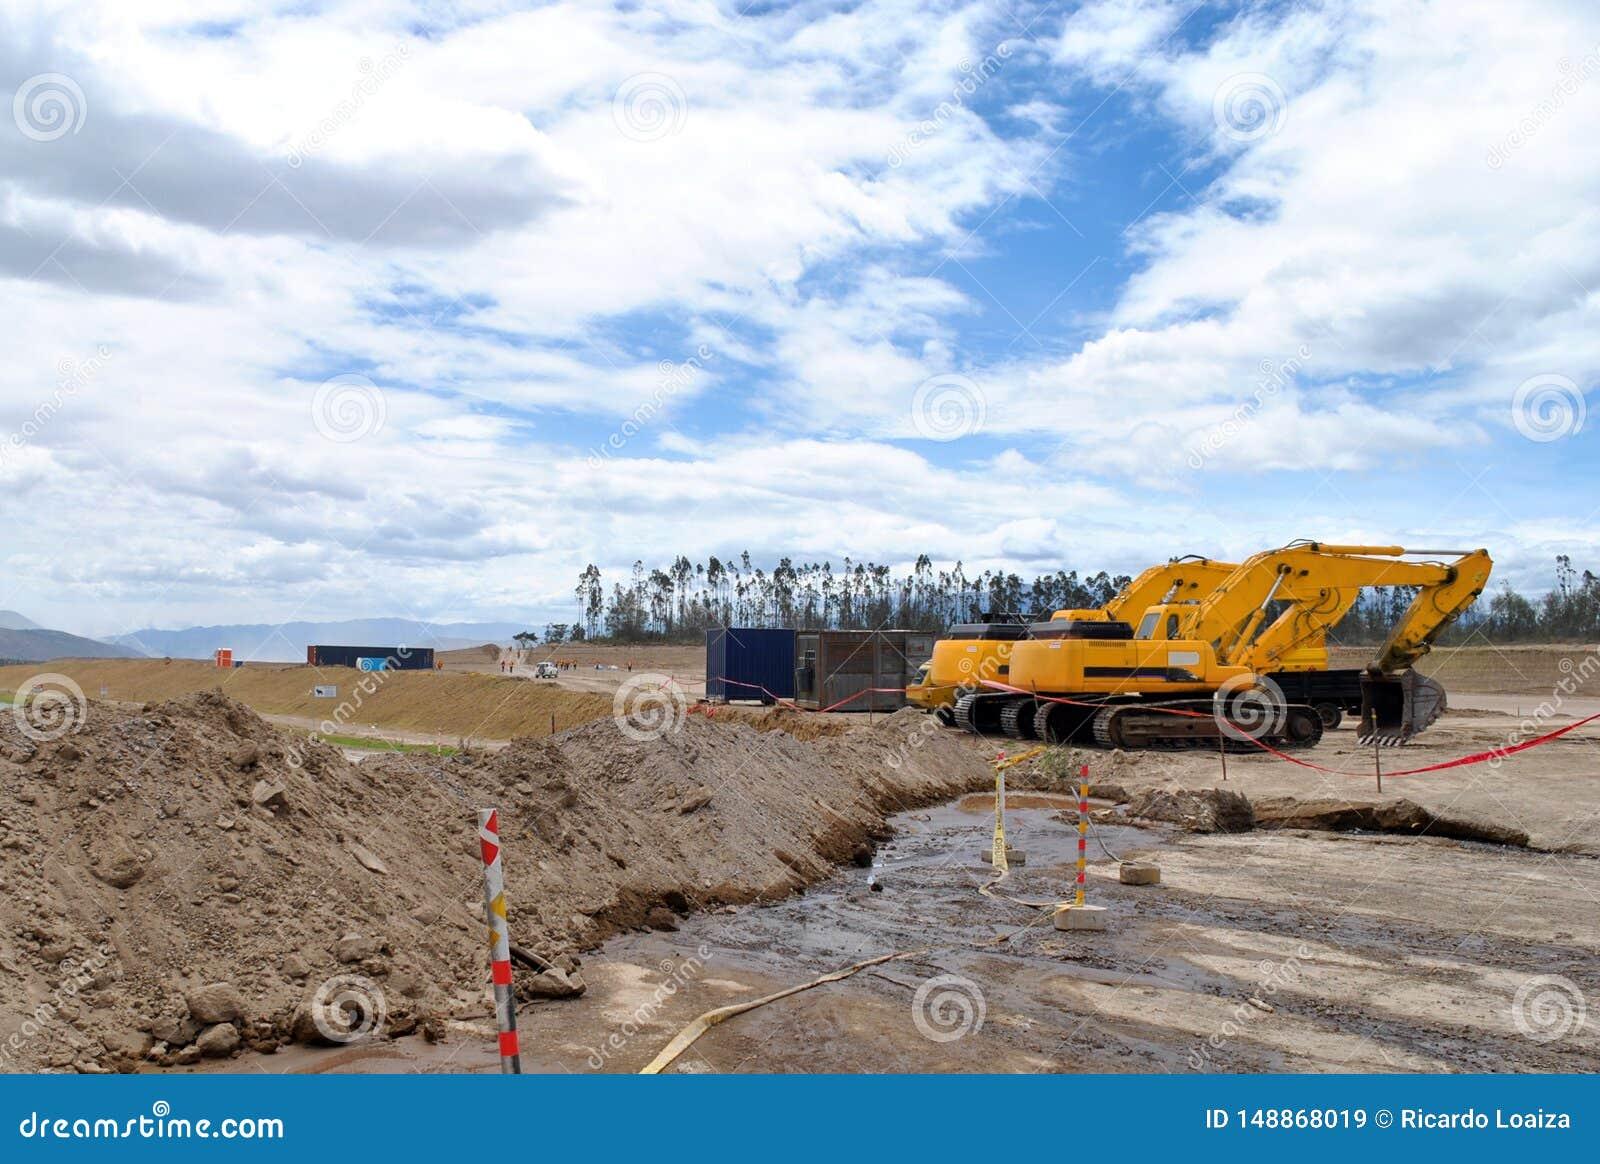 Bulldozer i mitt av en konstruktion